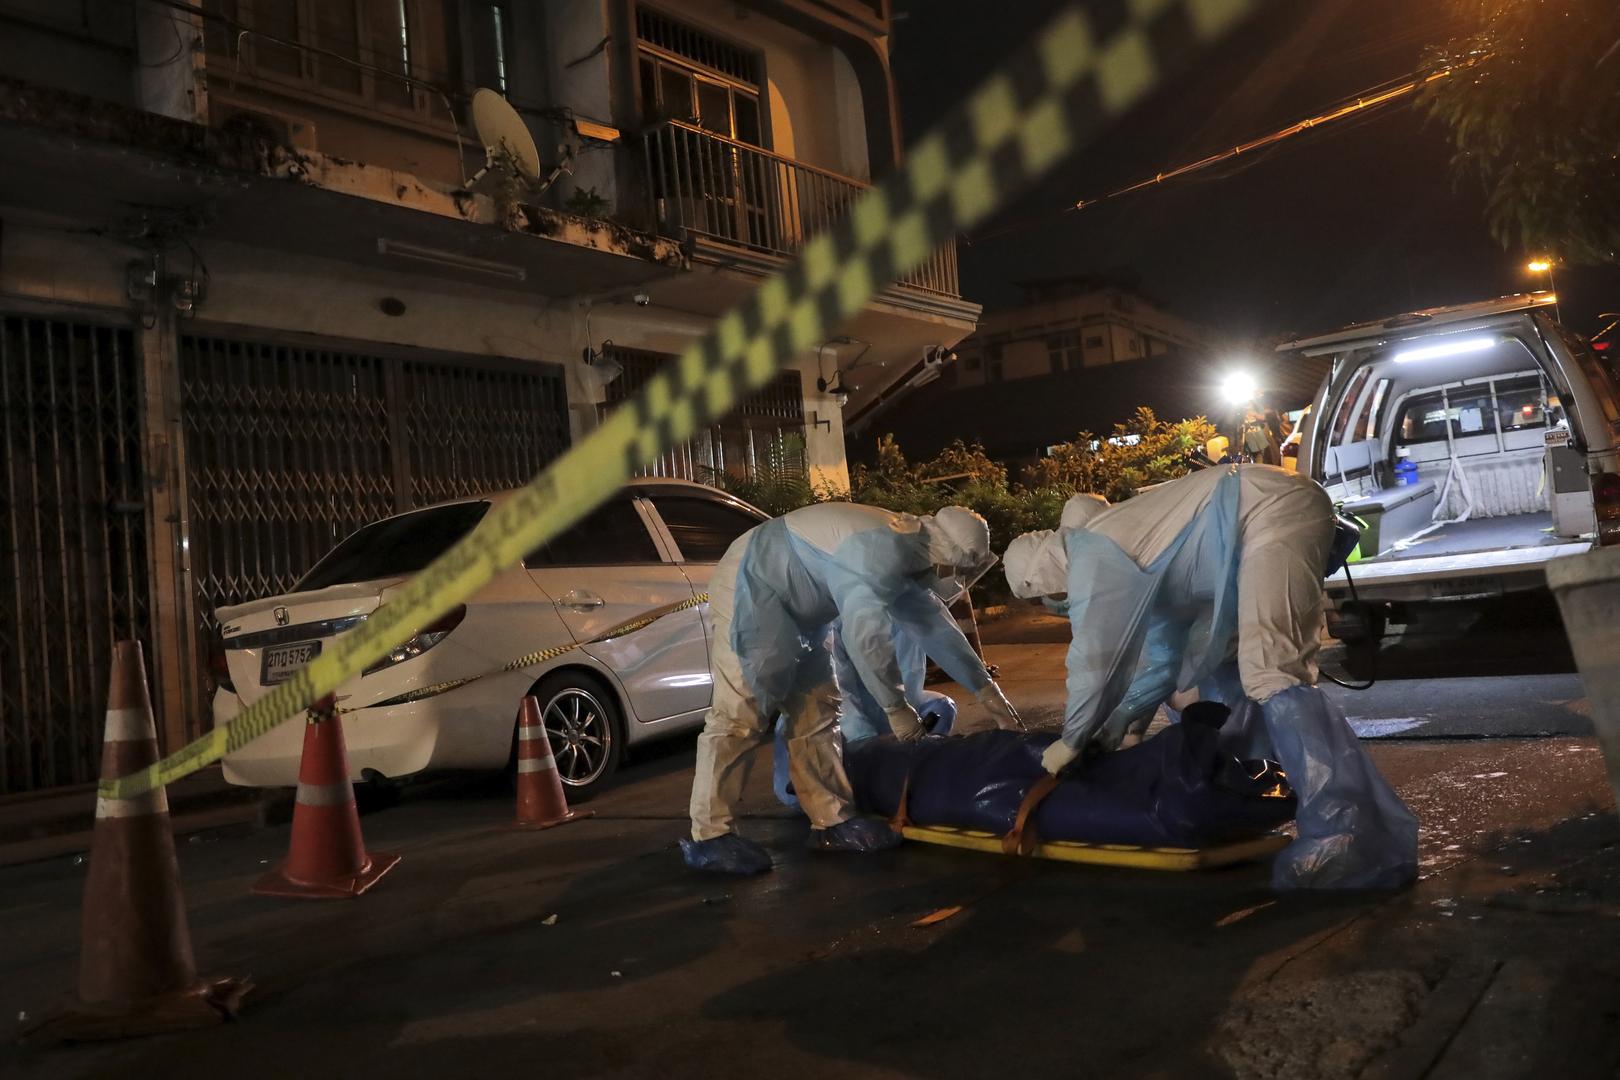 تايلاند.. بانكوك تغلق الأماكن العامة مع ازدياد حالات الوفيات والإصابات بكورونا